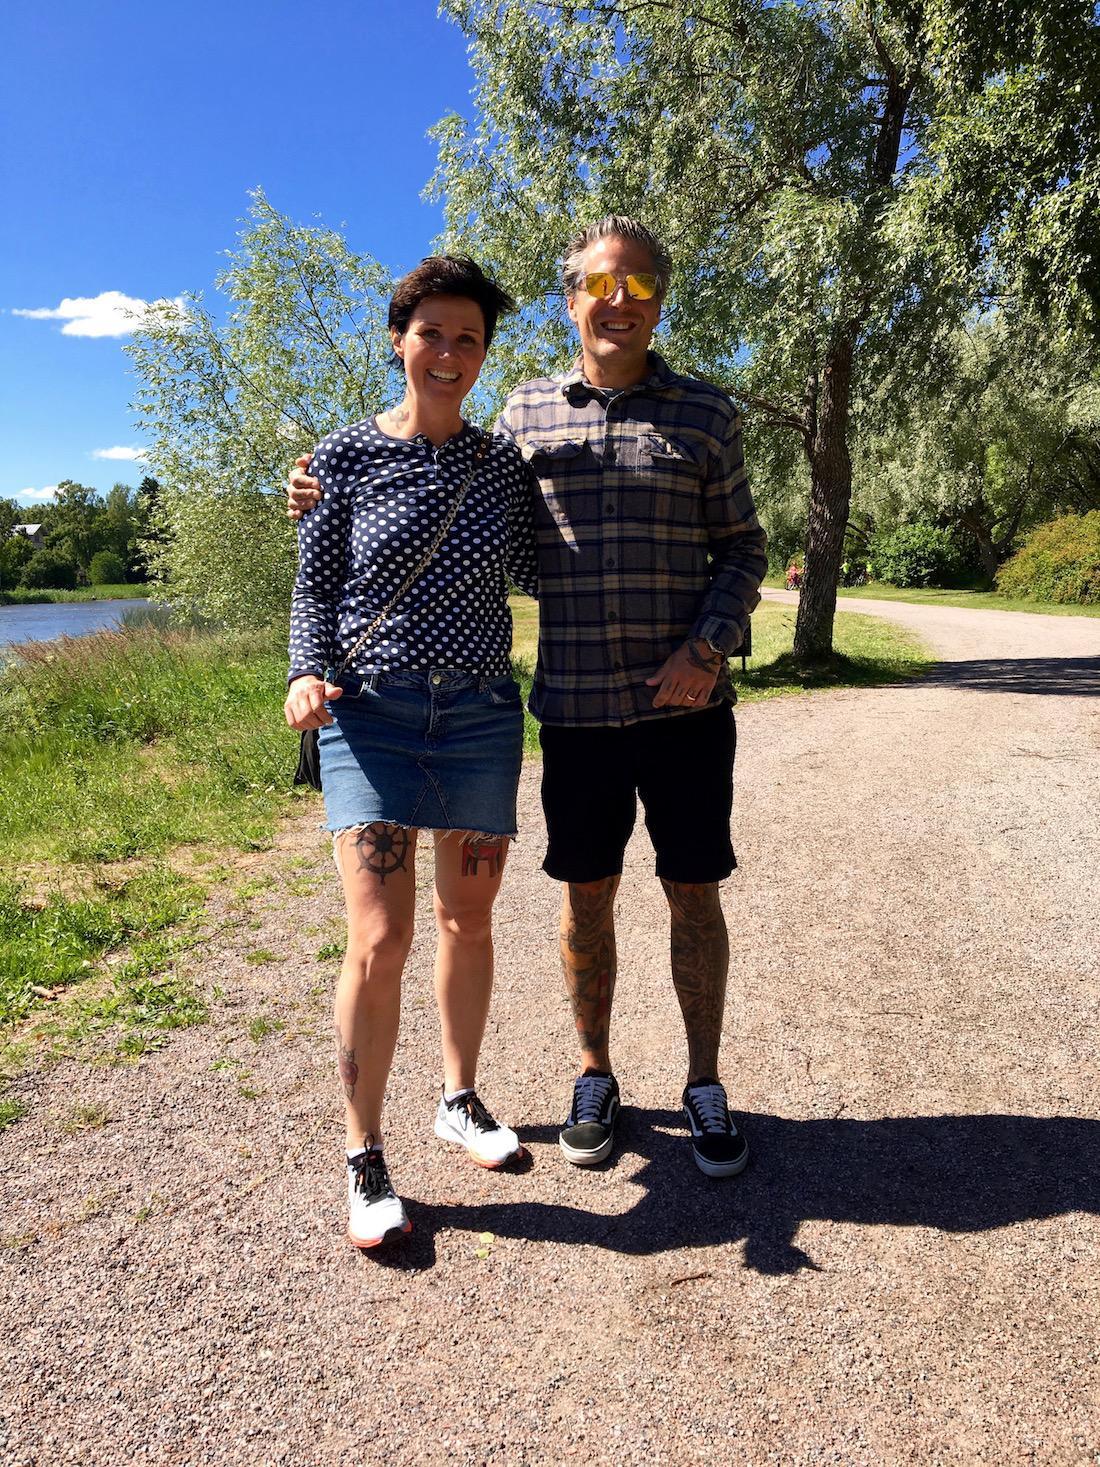 SMIR2018 – lauantaina vähän pidempi lenkki Tukholman saaristossa